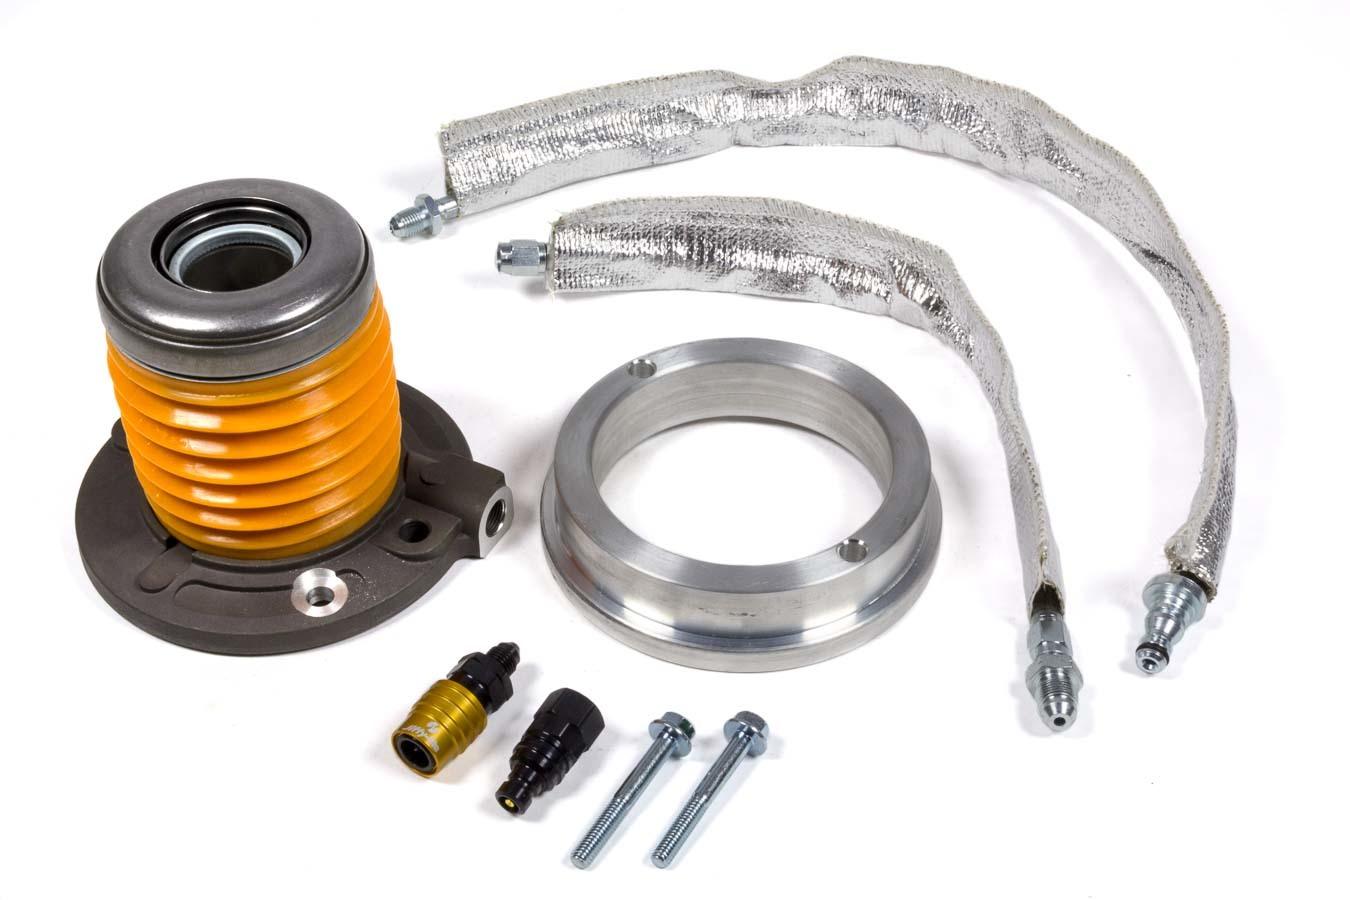 Centerforce Hyd. Release Bearing Kit 10-15 Camaro 6.2L